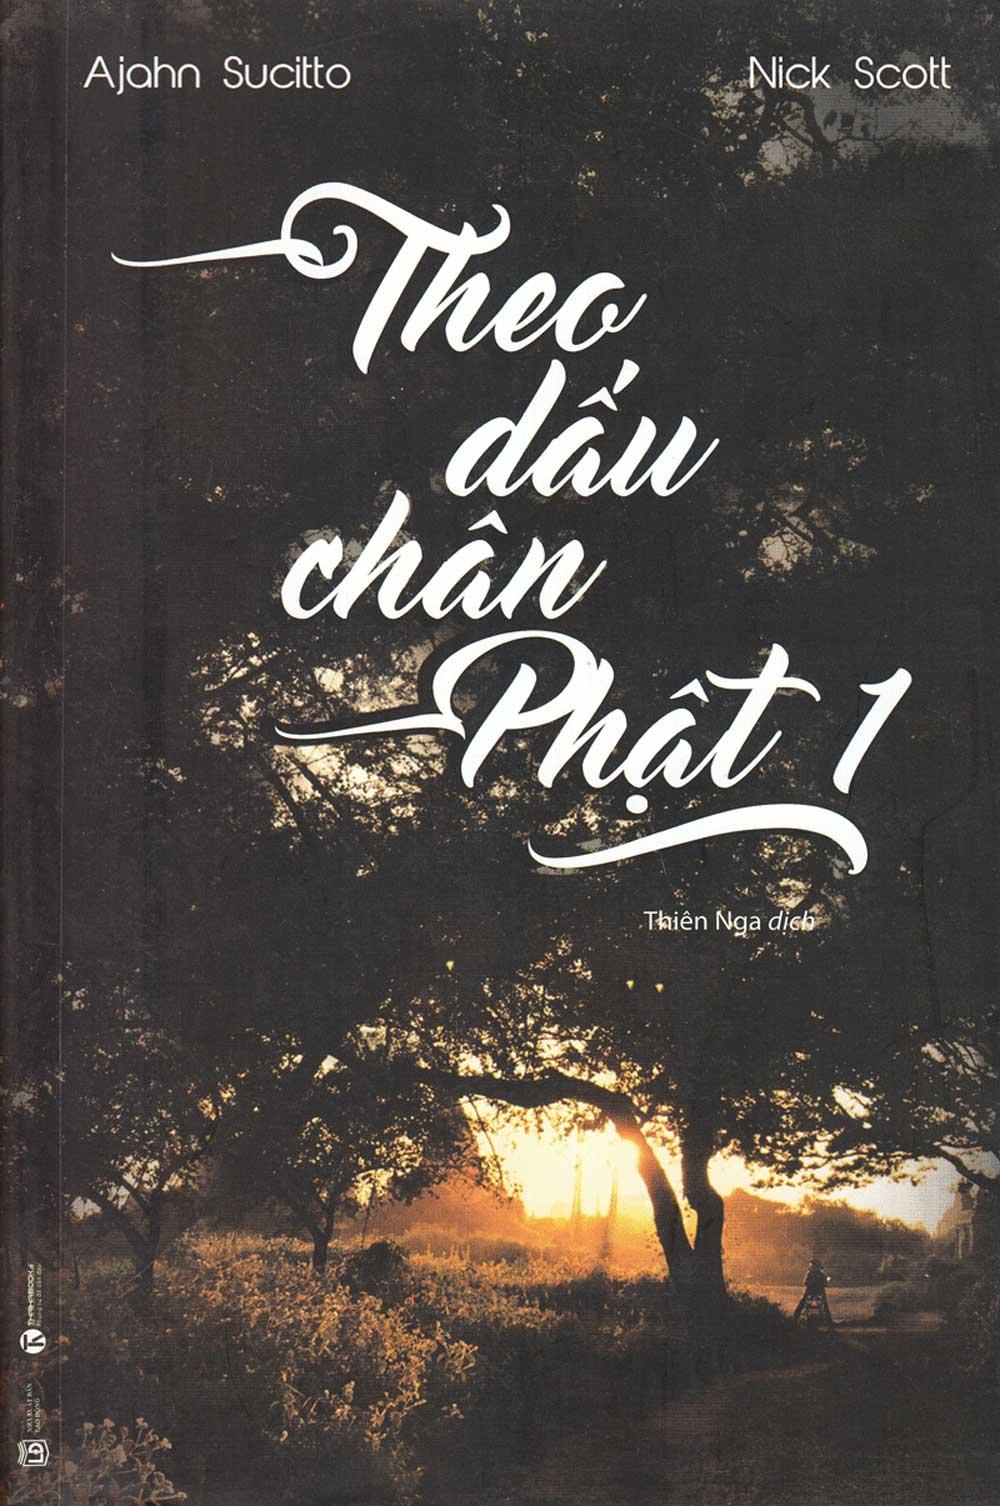 Theo Dấu Chân Phật (Tập 1) - EBOOK/PDF/PRC/EPUB